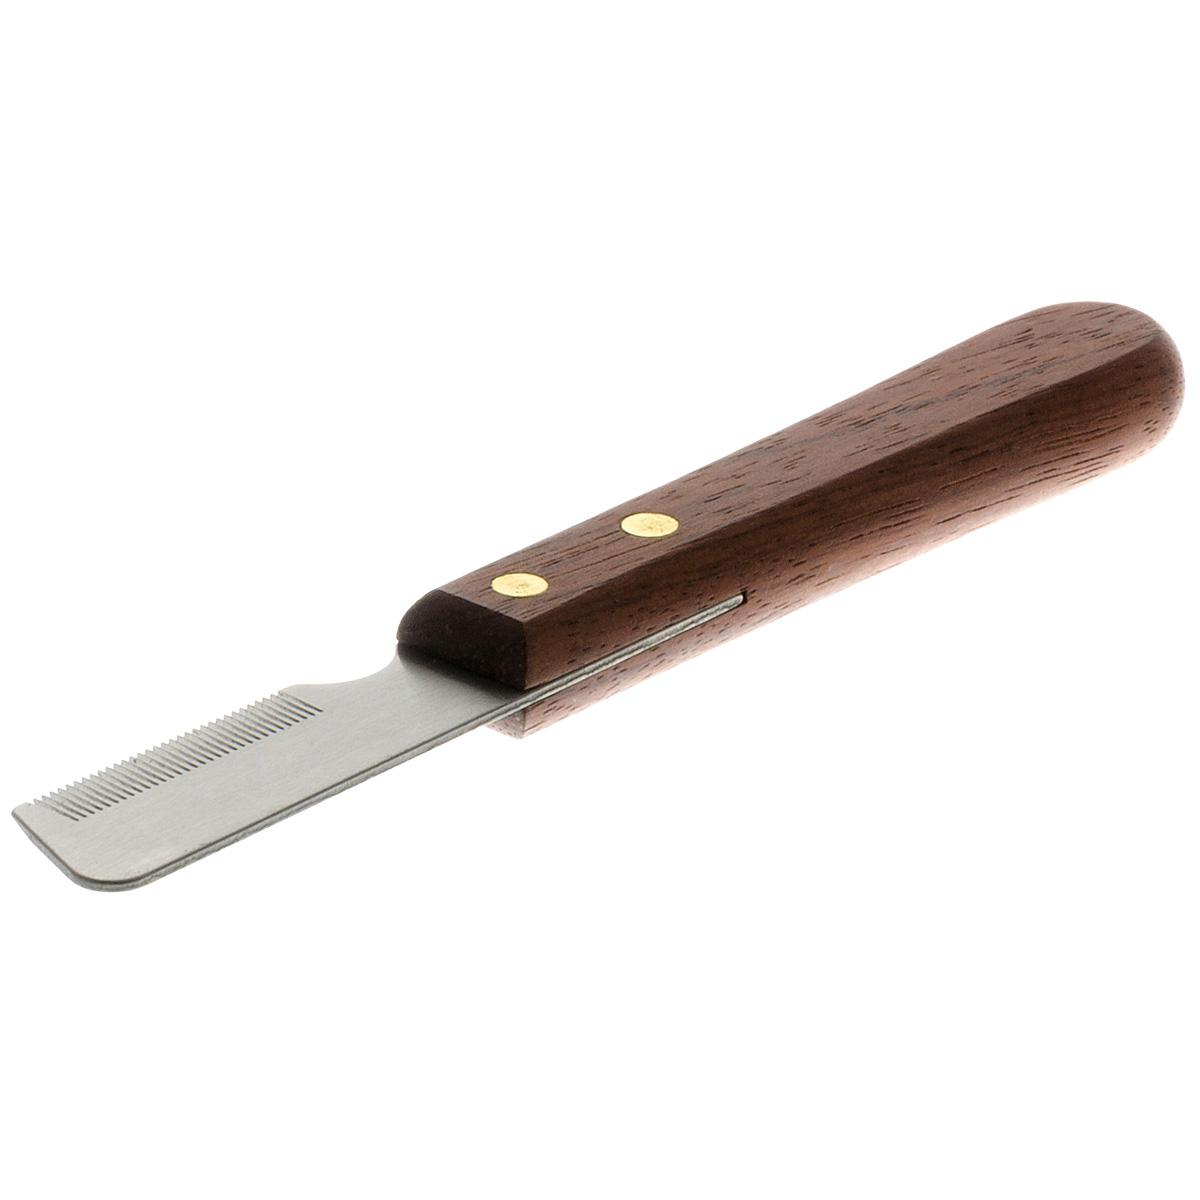 Тримминг Hello Pet с деревянной ручкой, 33 длинных